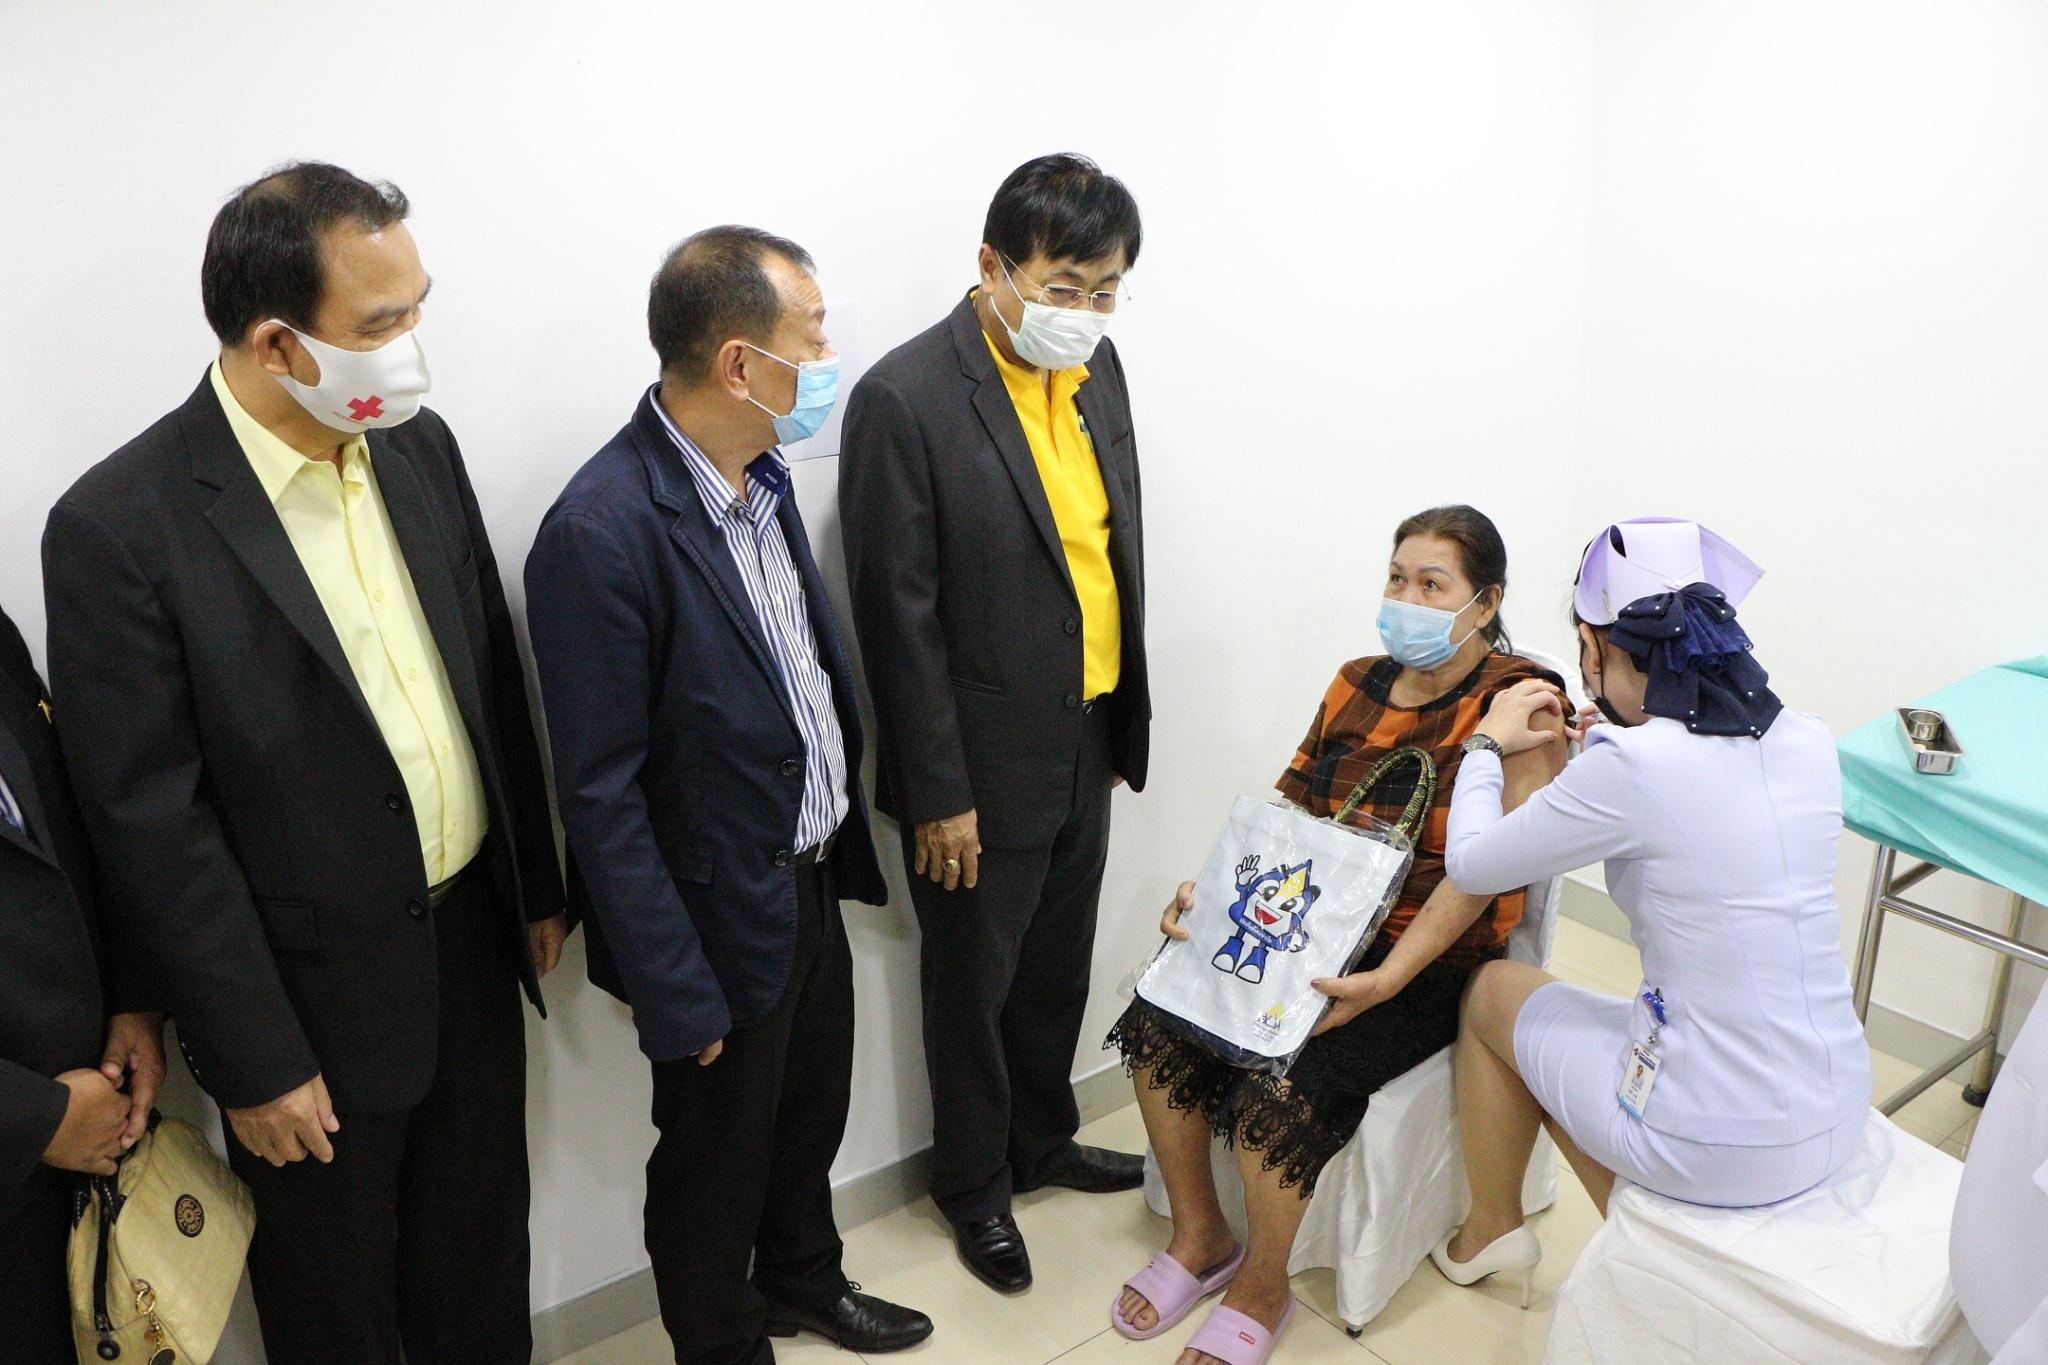 แรงงานจังหวัดระยอง ร่วมพิธี Kick off การให้บริการฉีดวัคซีนไข้หวัดใหญ่แก่ผู้ประกันตน ที่มีอายุ 50 ปี ของสำนักงานประกันสังคมจังหวัดระยองและสาขาปลวกแดง